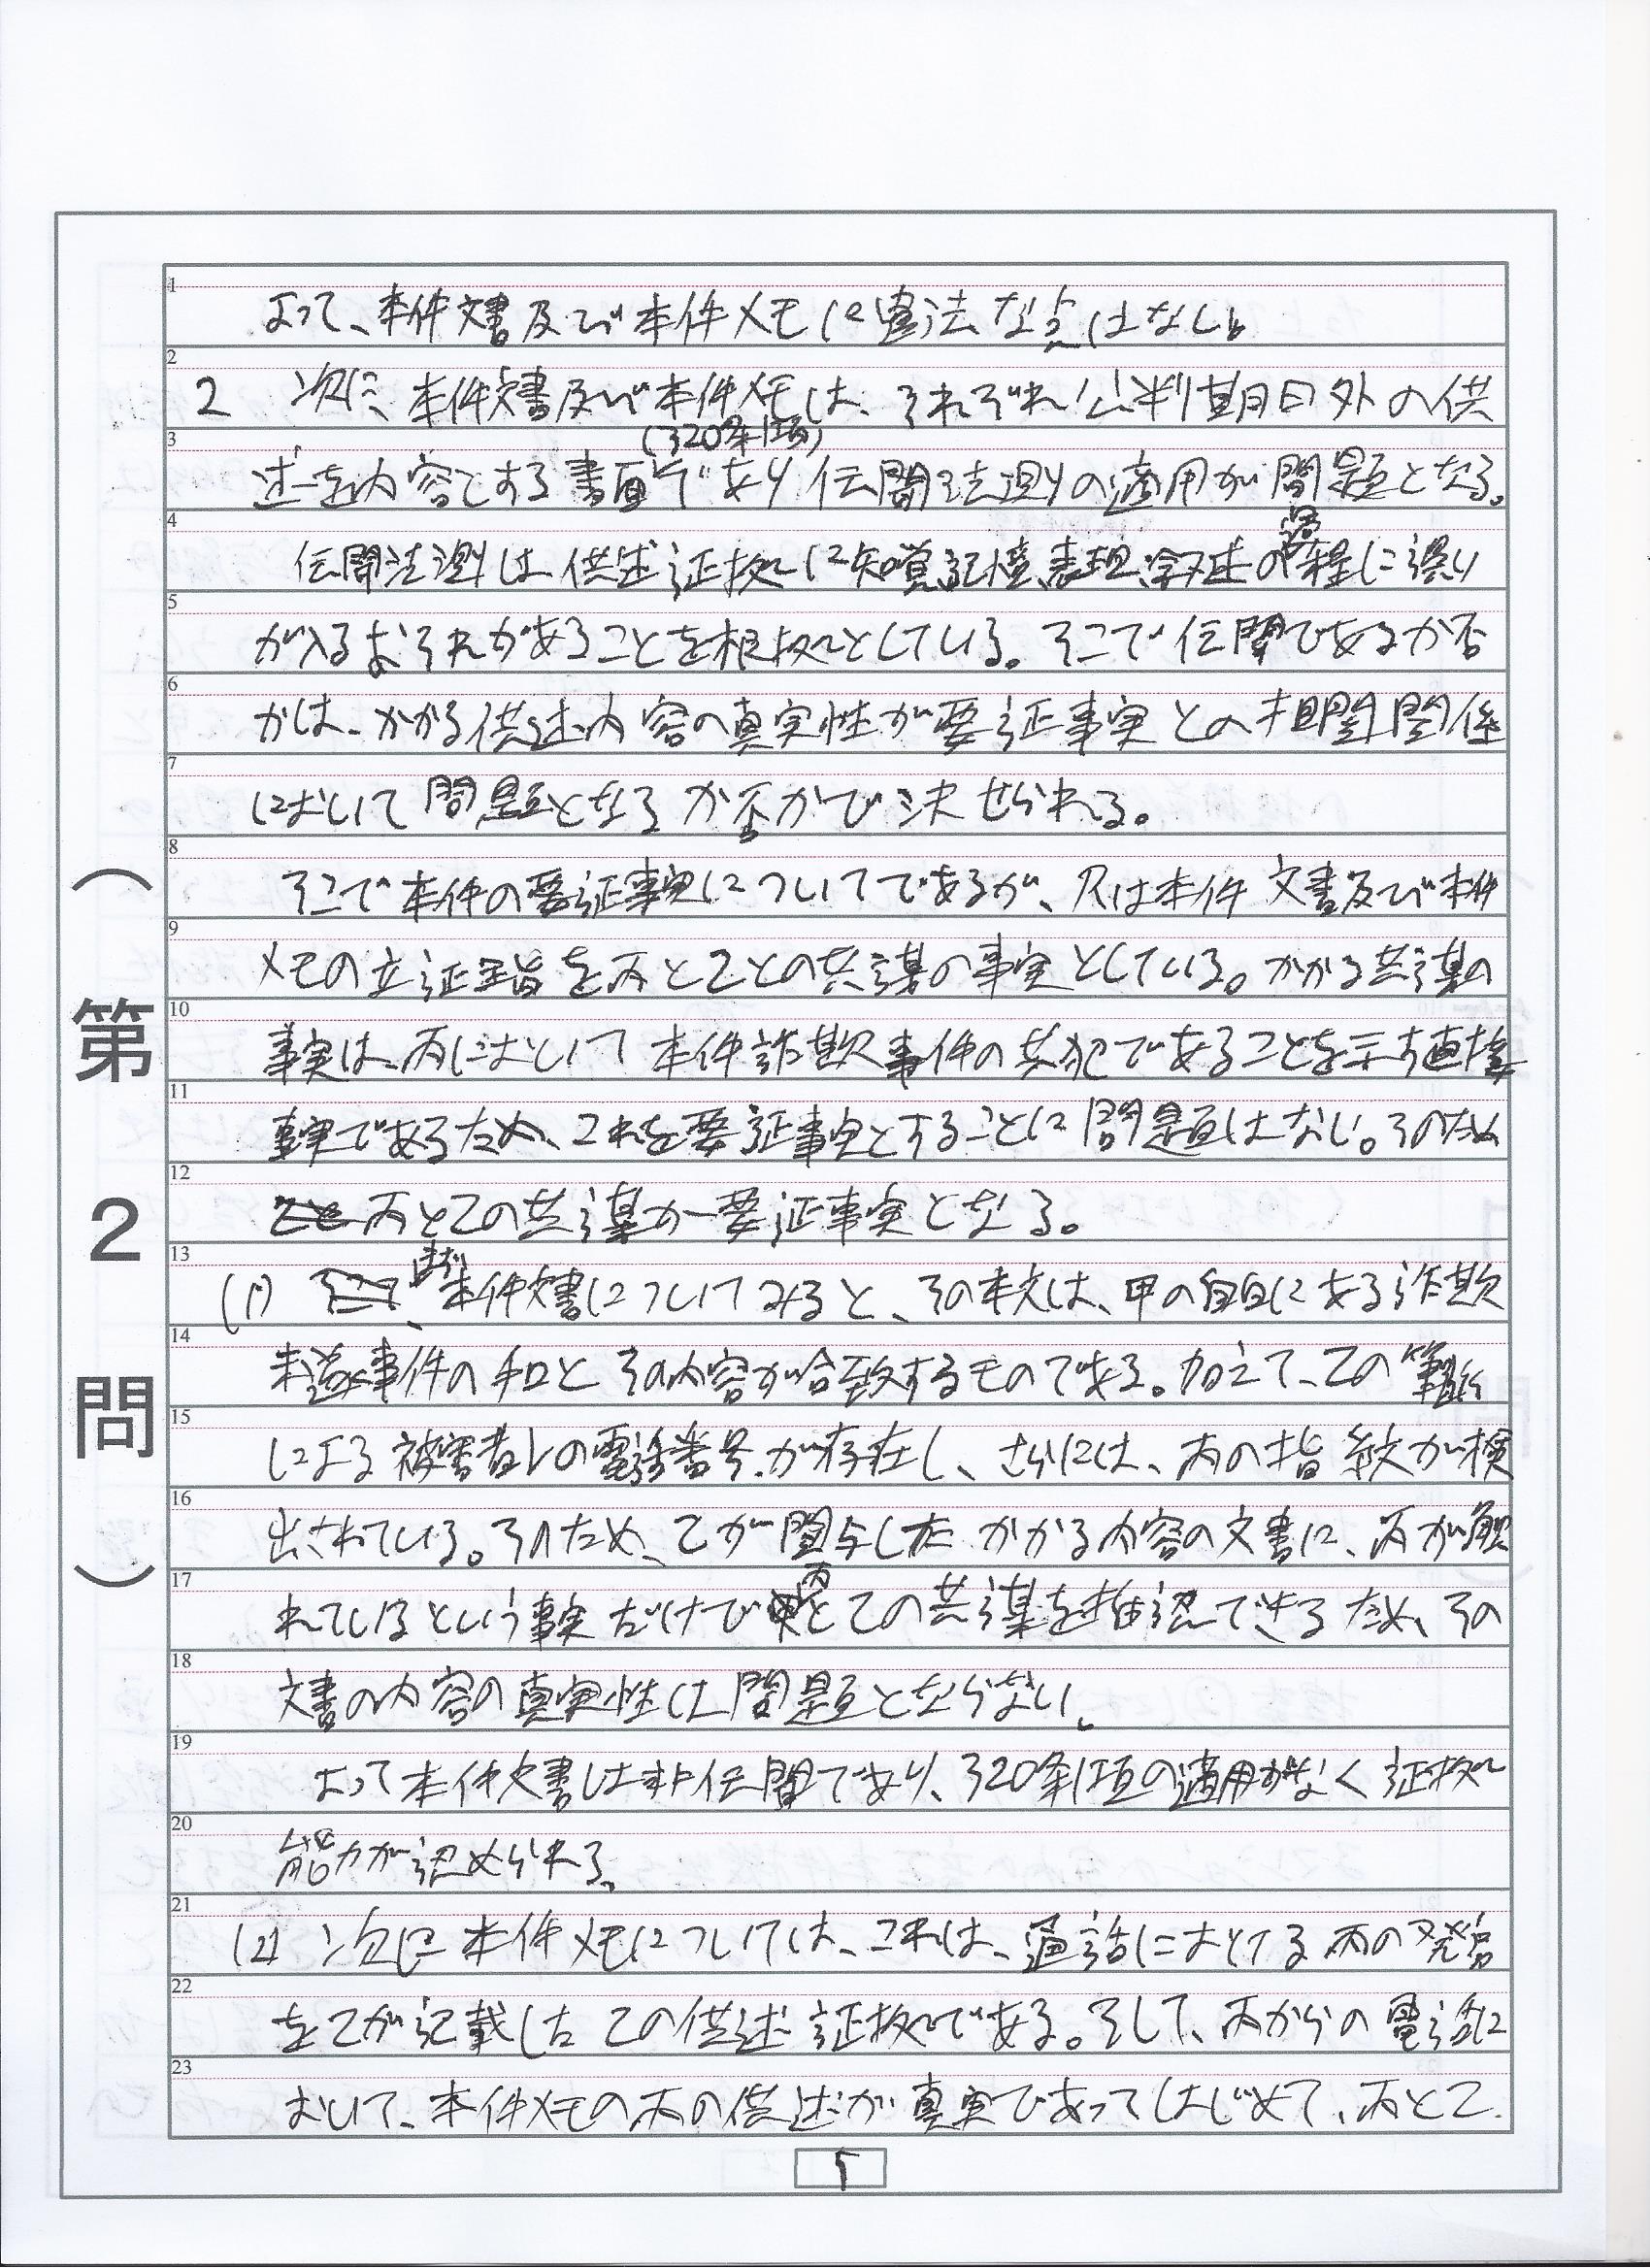 h27keiso5.jpg